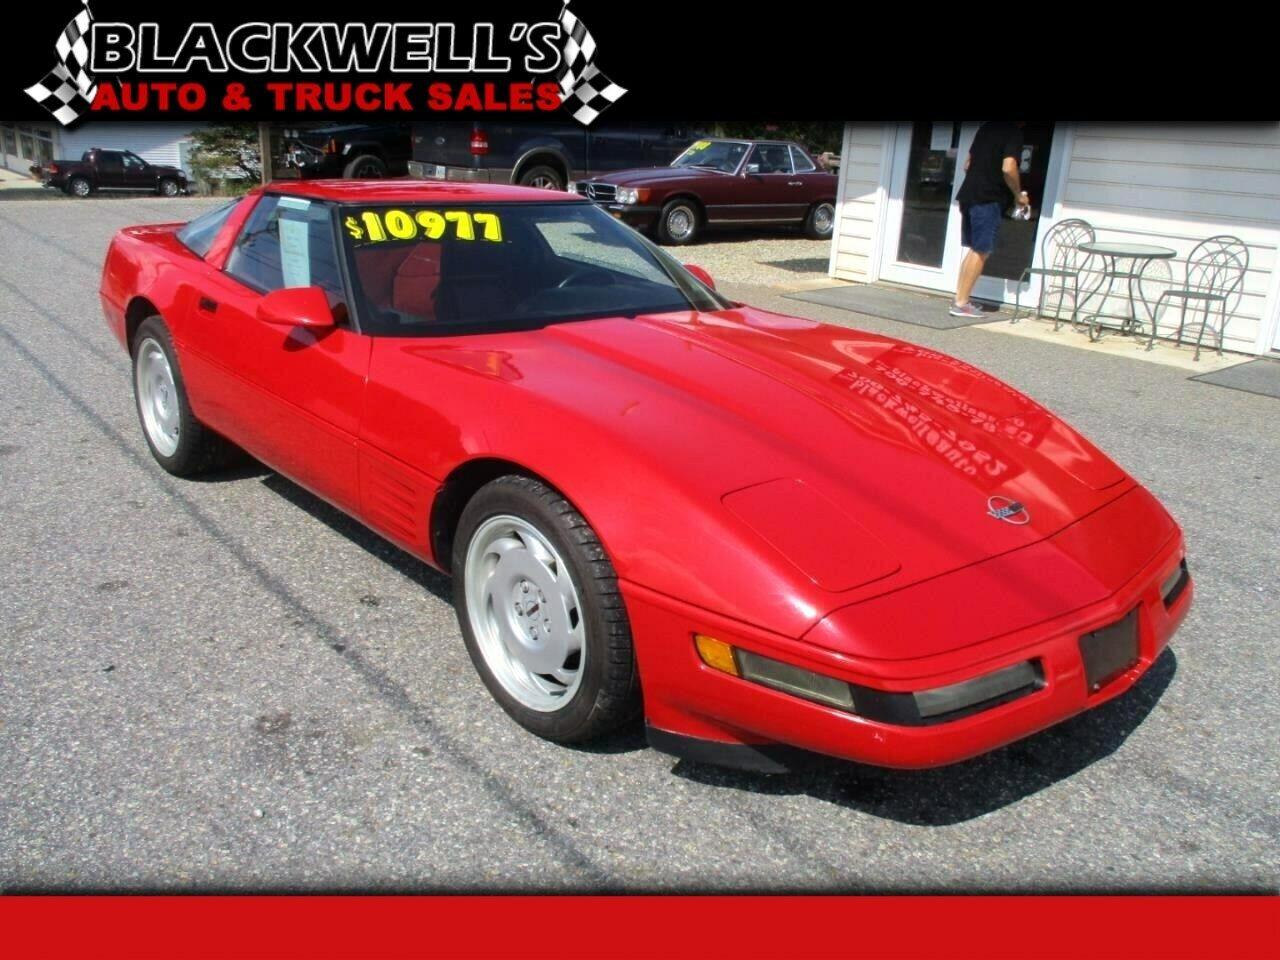 1991 Red Chevrolet Corvette Coupe  | C4 Corvette Photo 1